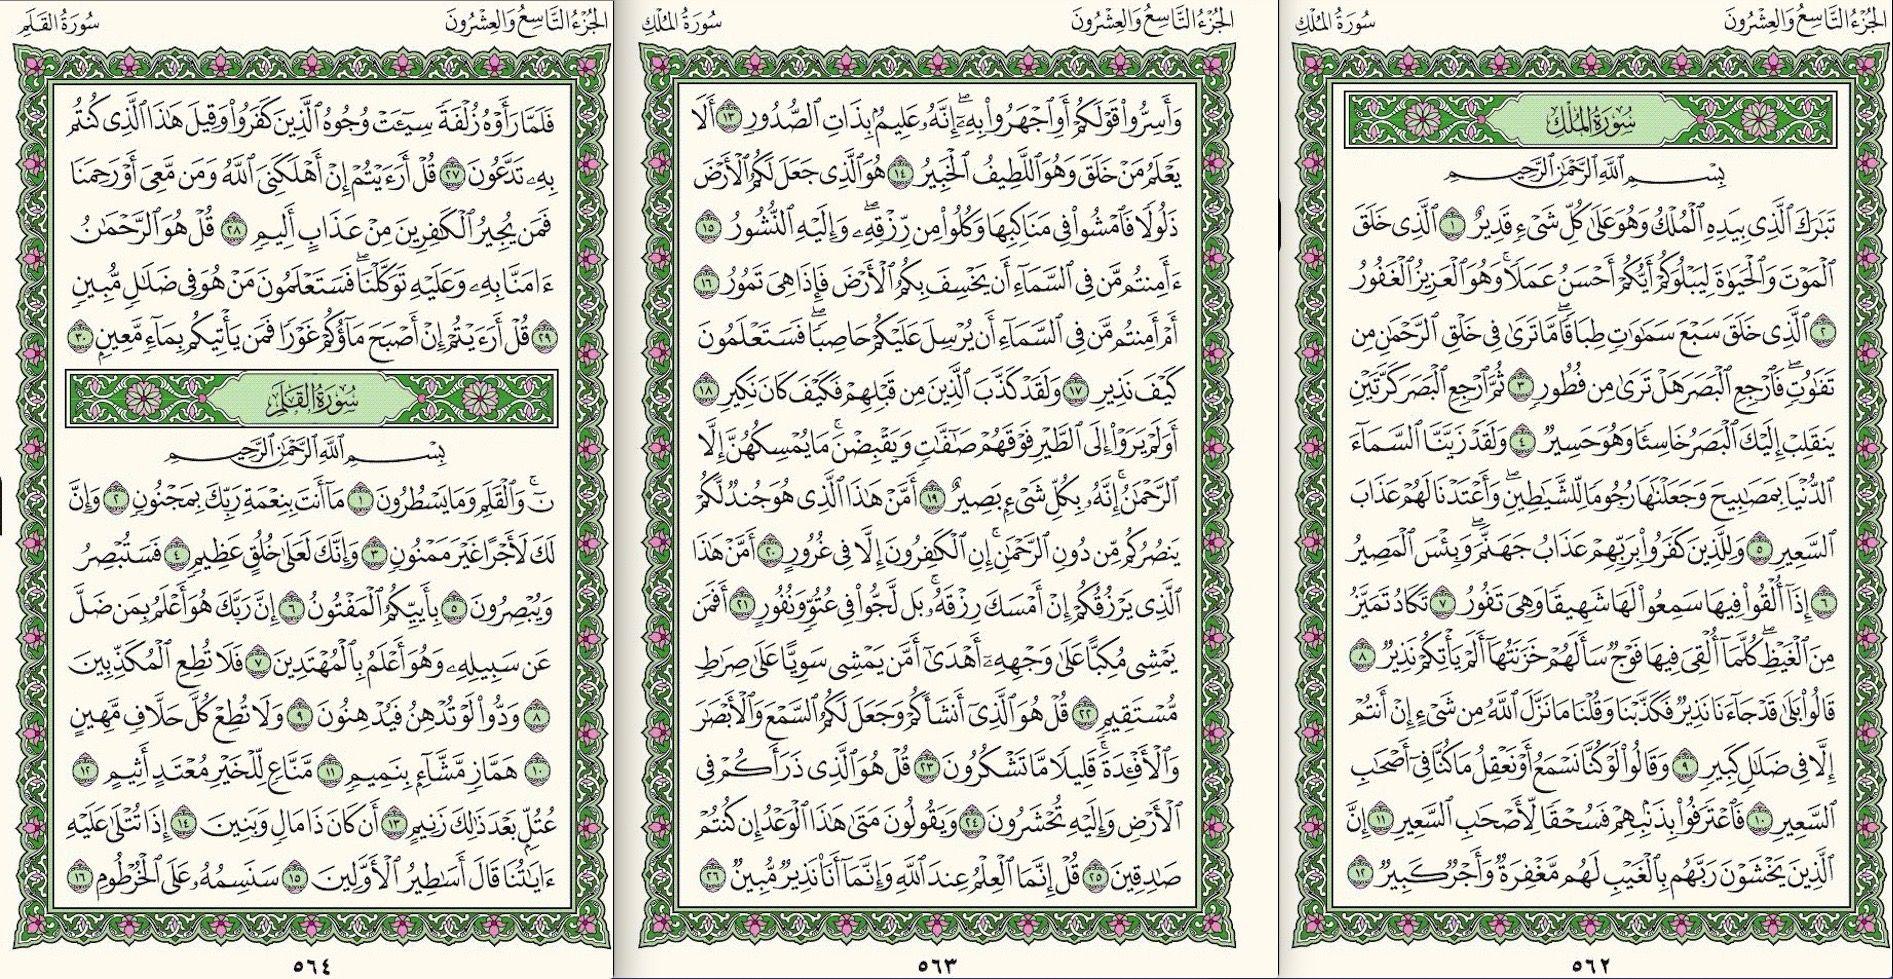 سورة الملك في صورة واحدة Islam Facts Quran Verses Love U Mom